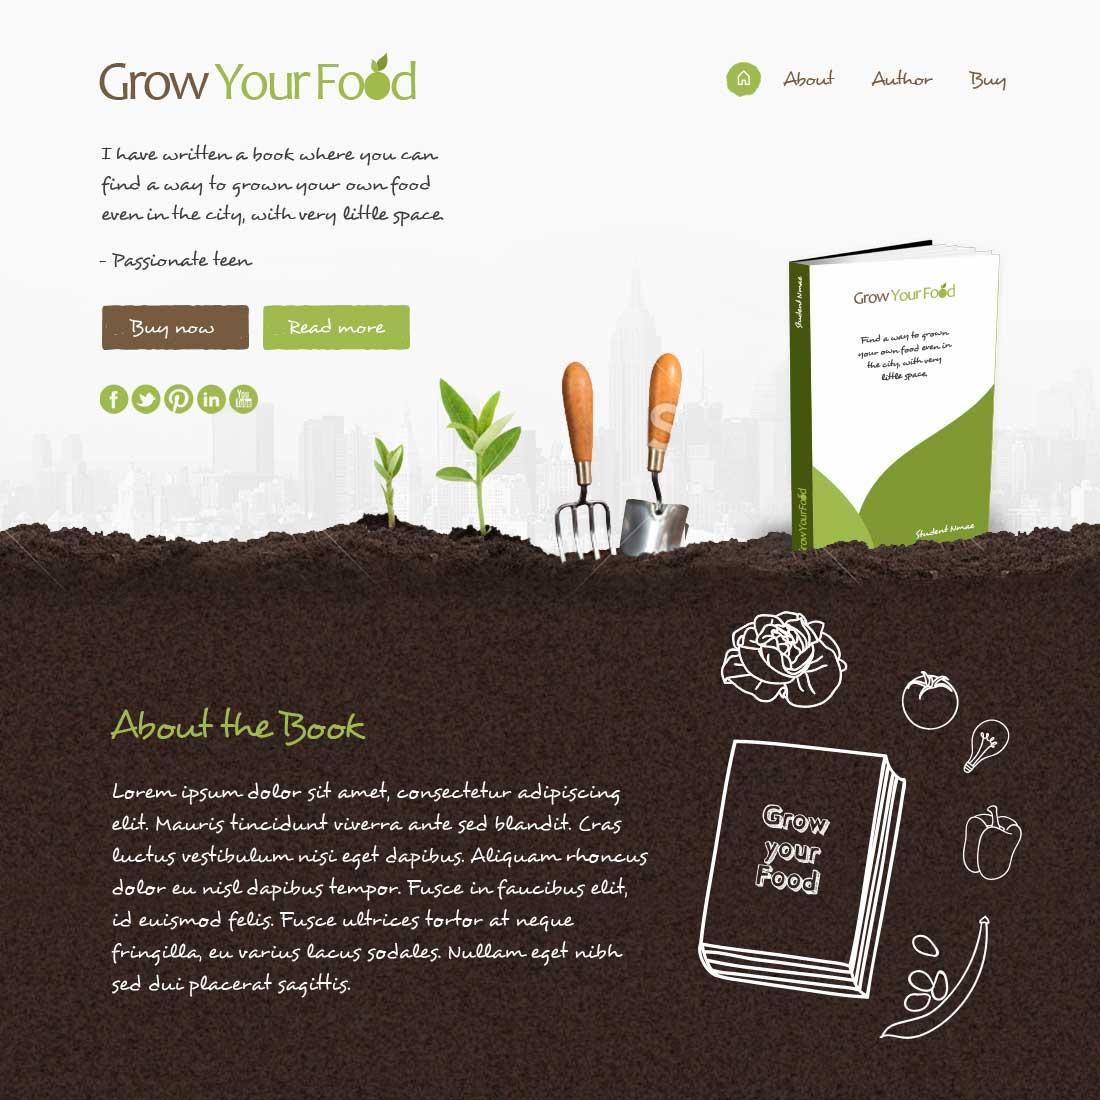 website designed by skyram